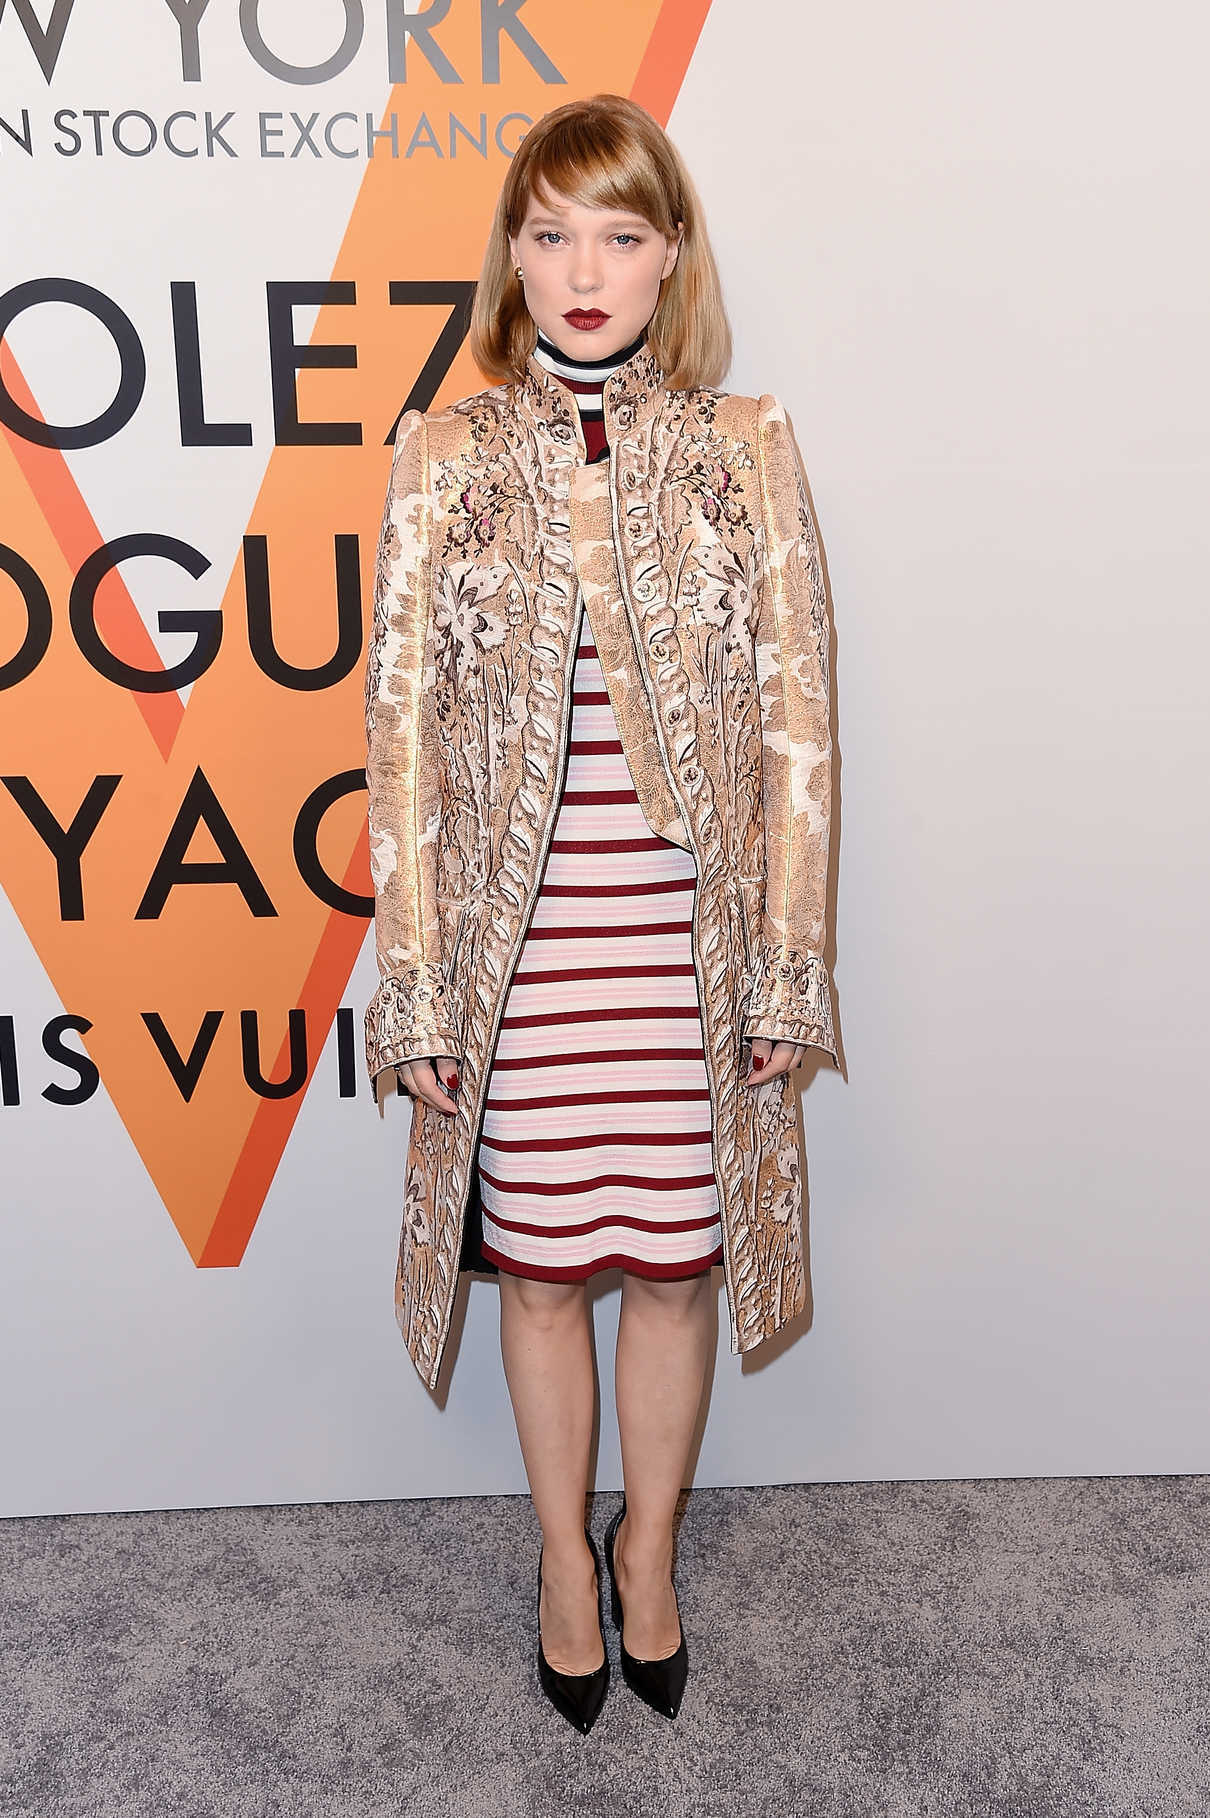 00d083e6e3fd Lea Seydoux at the Volez